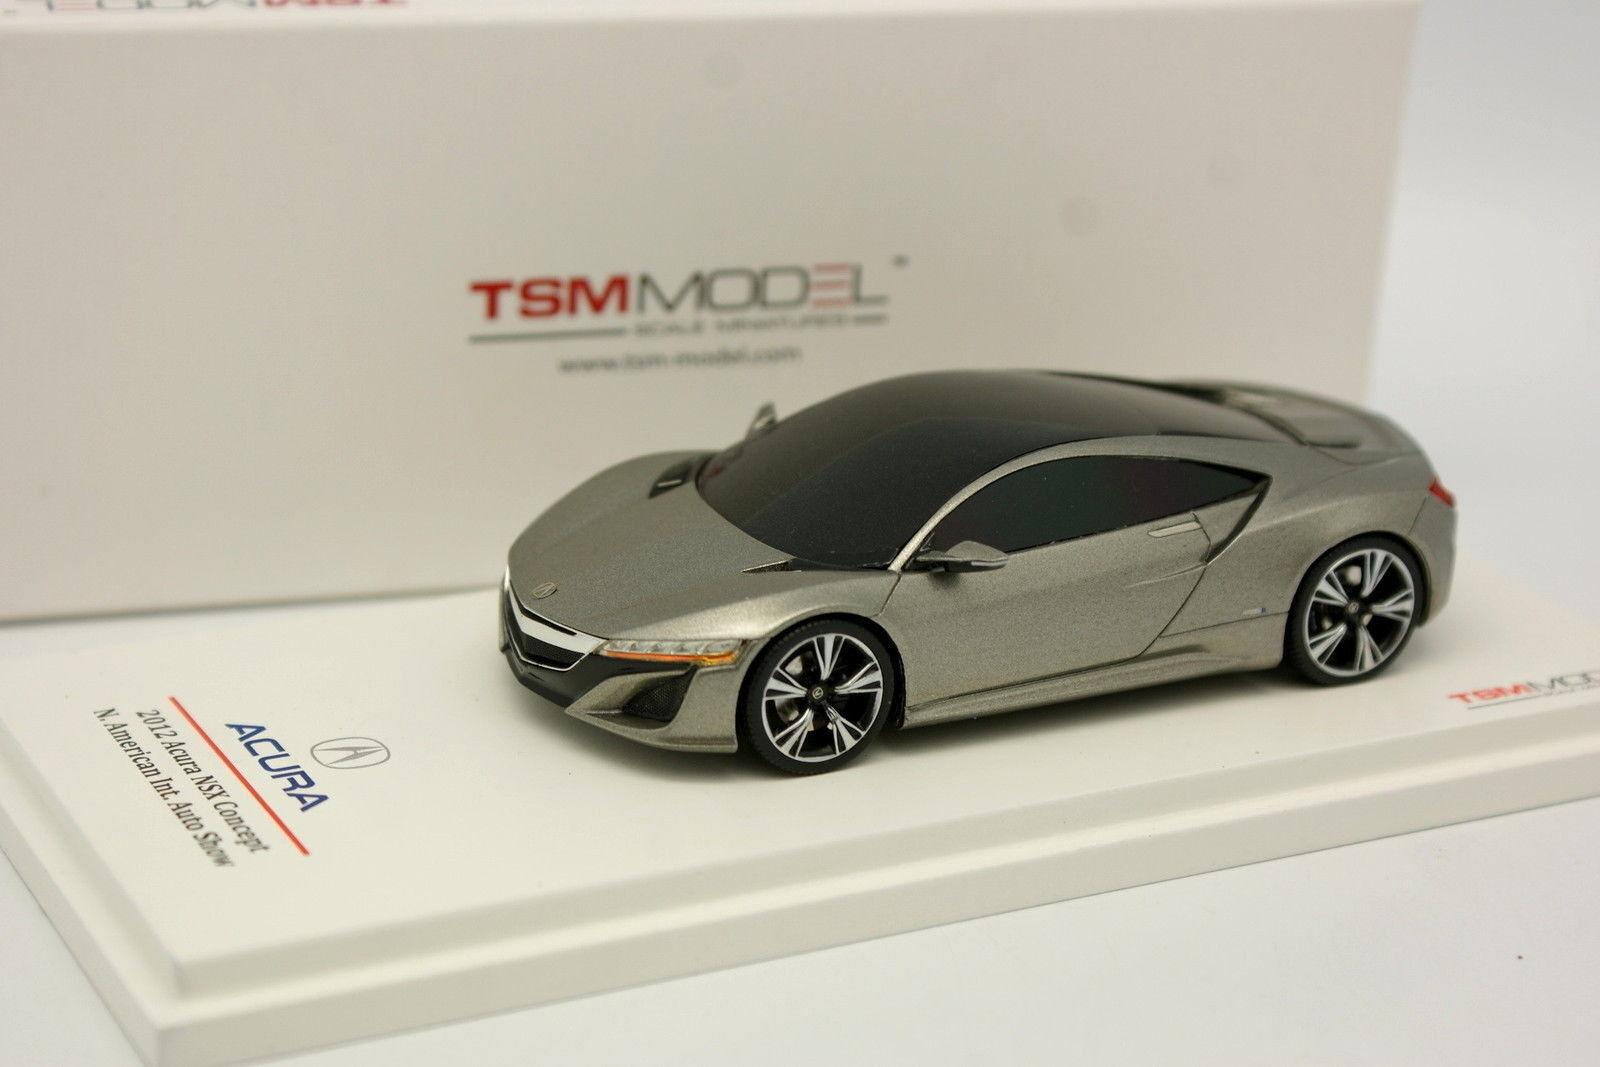 TSM Truescale 1/43 - Acura NSX Concept 2012  American Motor Show | Une Forte Résistance à Chaleur Et Résistant  | Facile à Nettoyer Surface  | Supérieurs Performances  | Brillance De Couleur